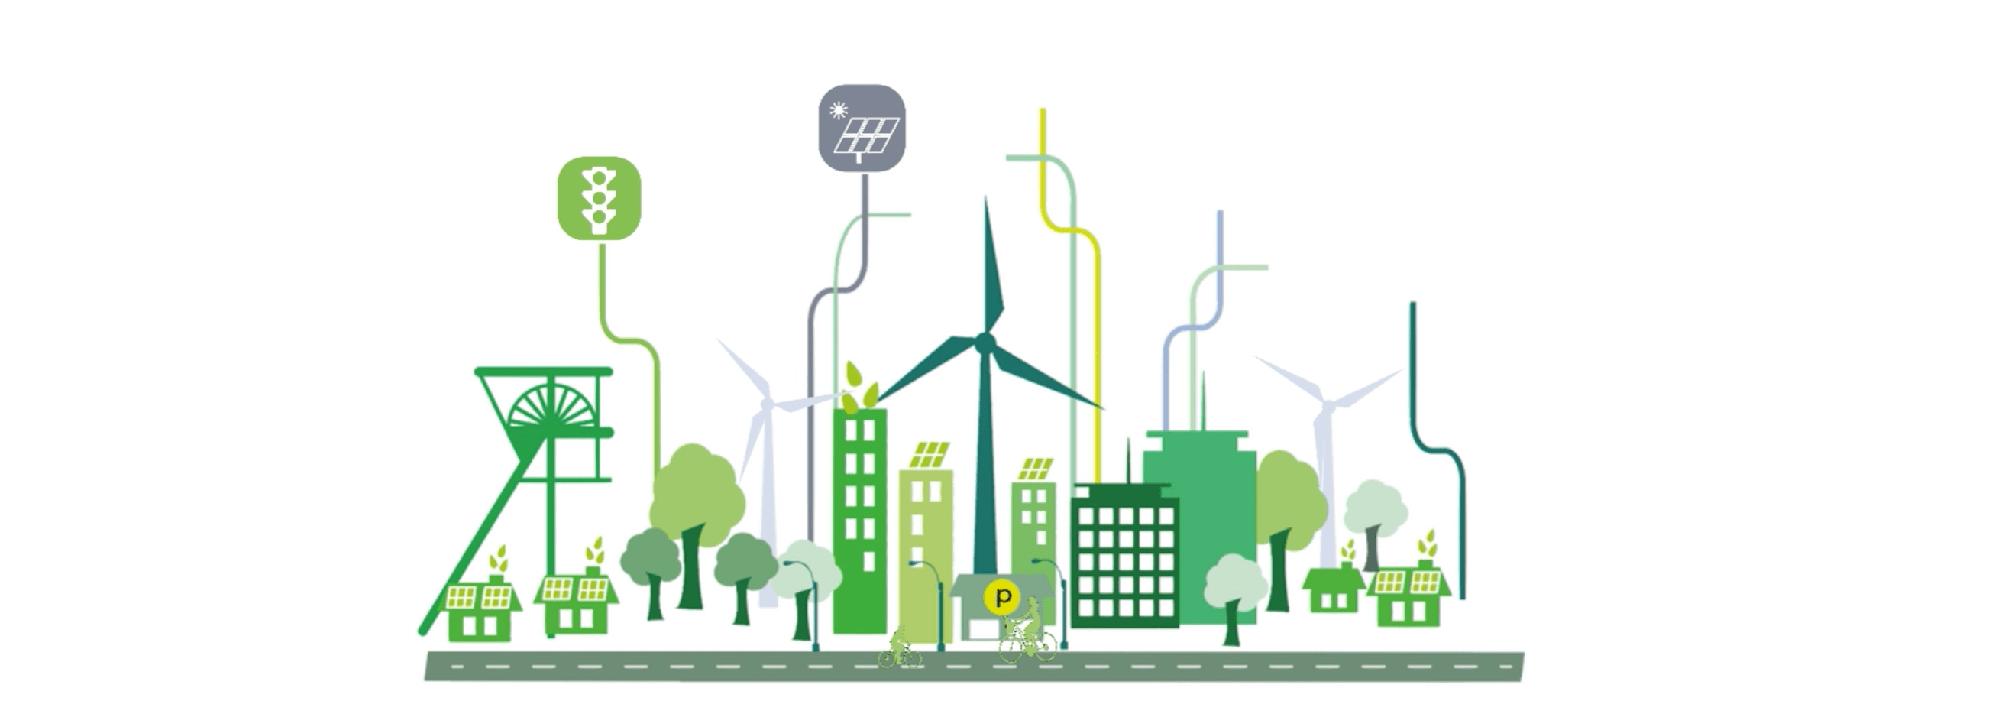 Ligt de Europese toekomst van smart cities in Limburg?